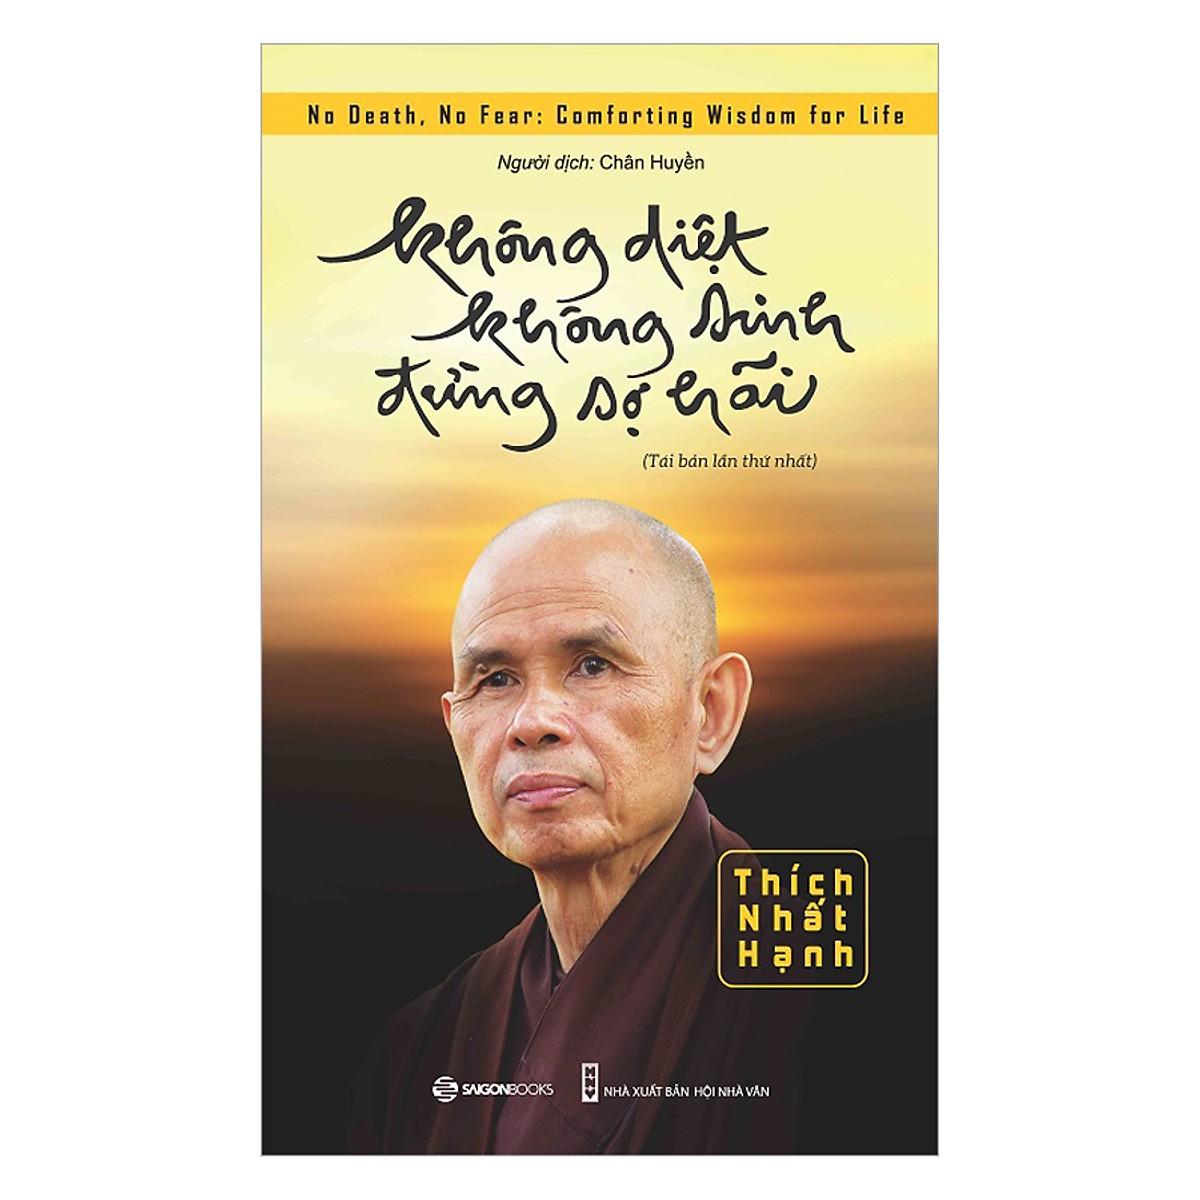 Không diệt không sinh đừng sợ hãi - Thiền sư Thích Nhất Hạnh